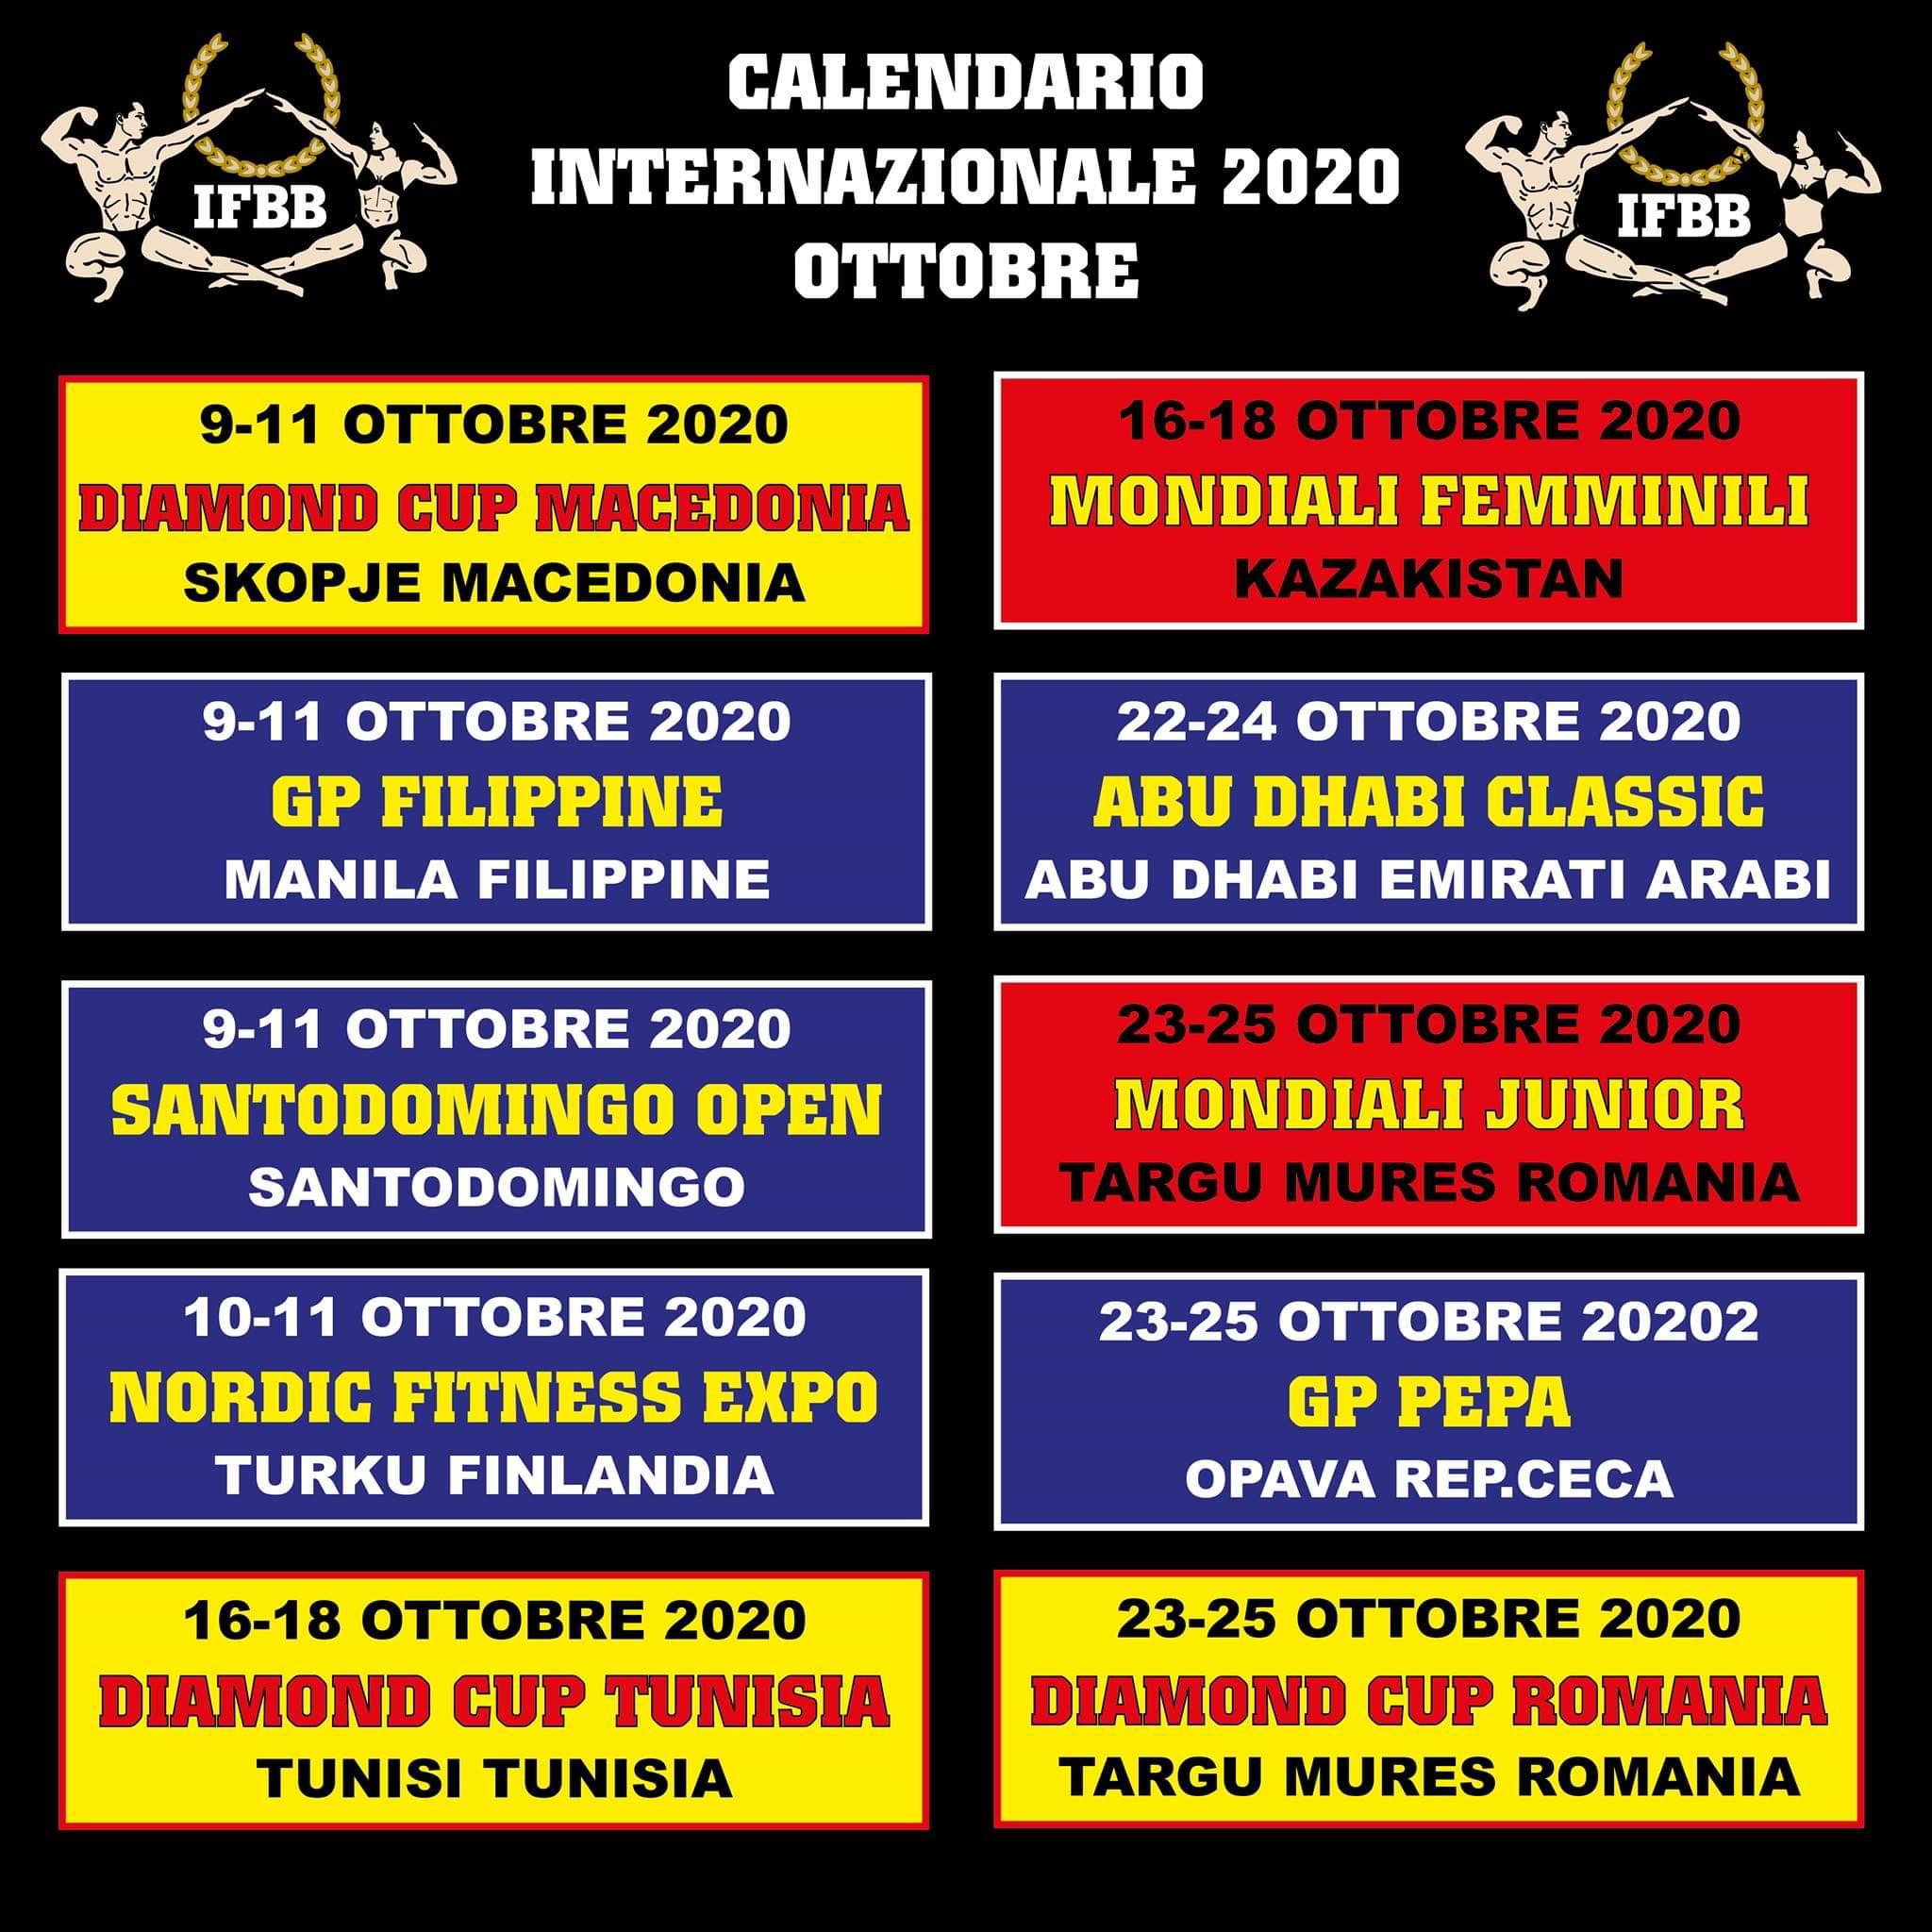 gare internazionali ifbb 2020